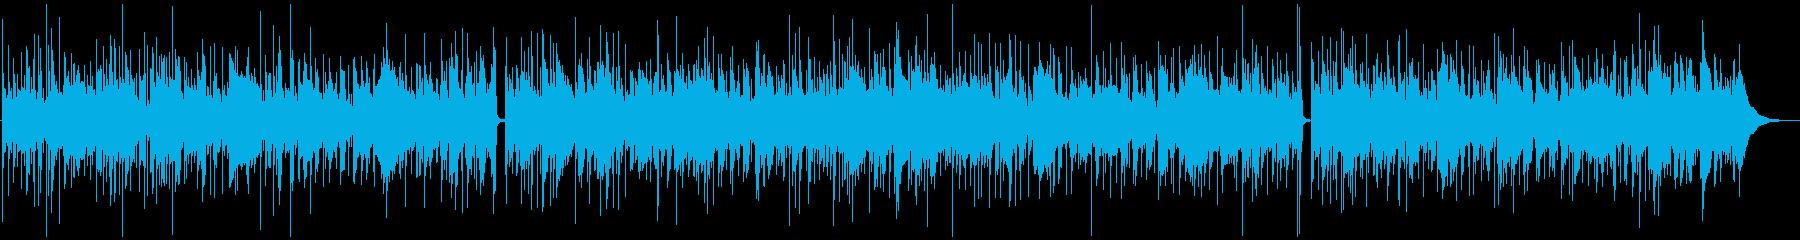 ソフトなR&B風BGMの再生済みの波形